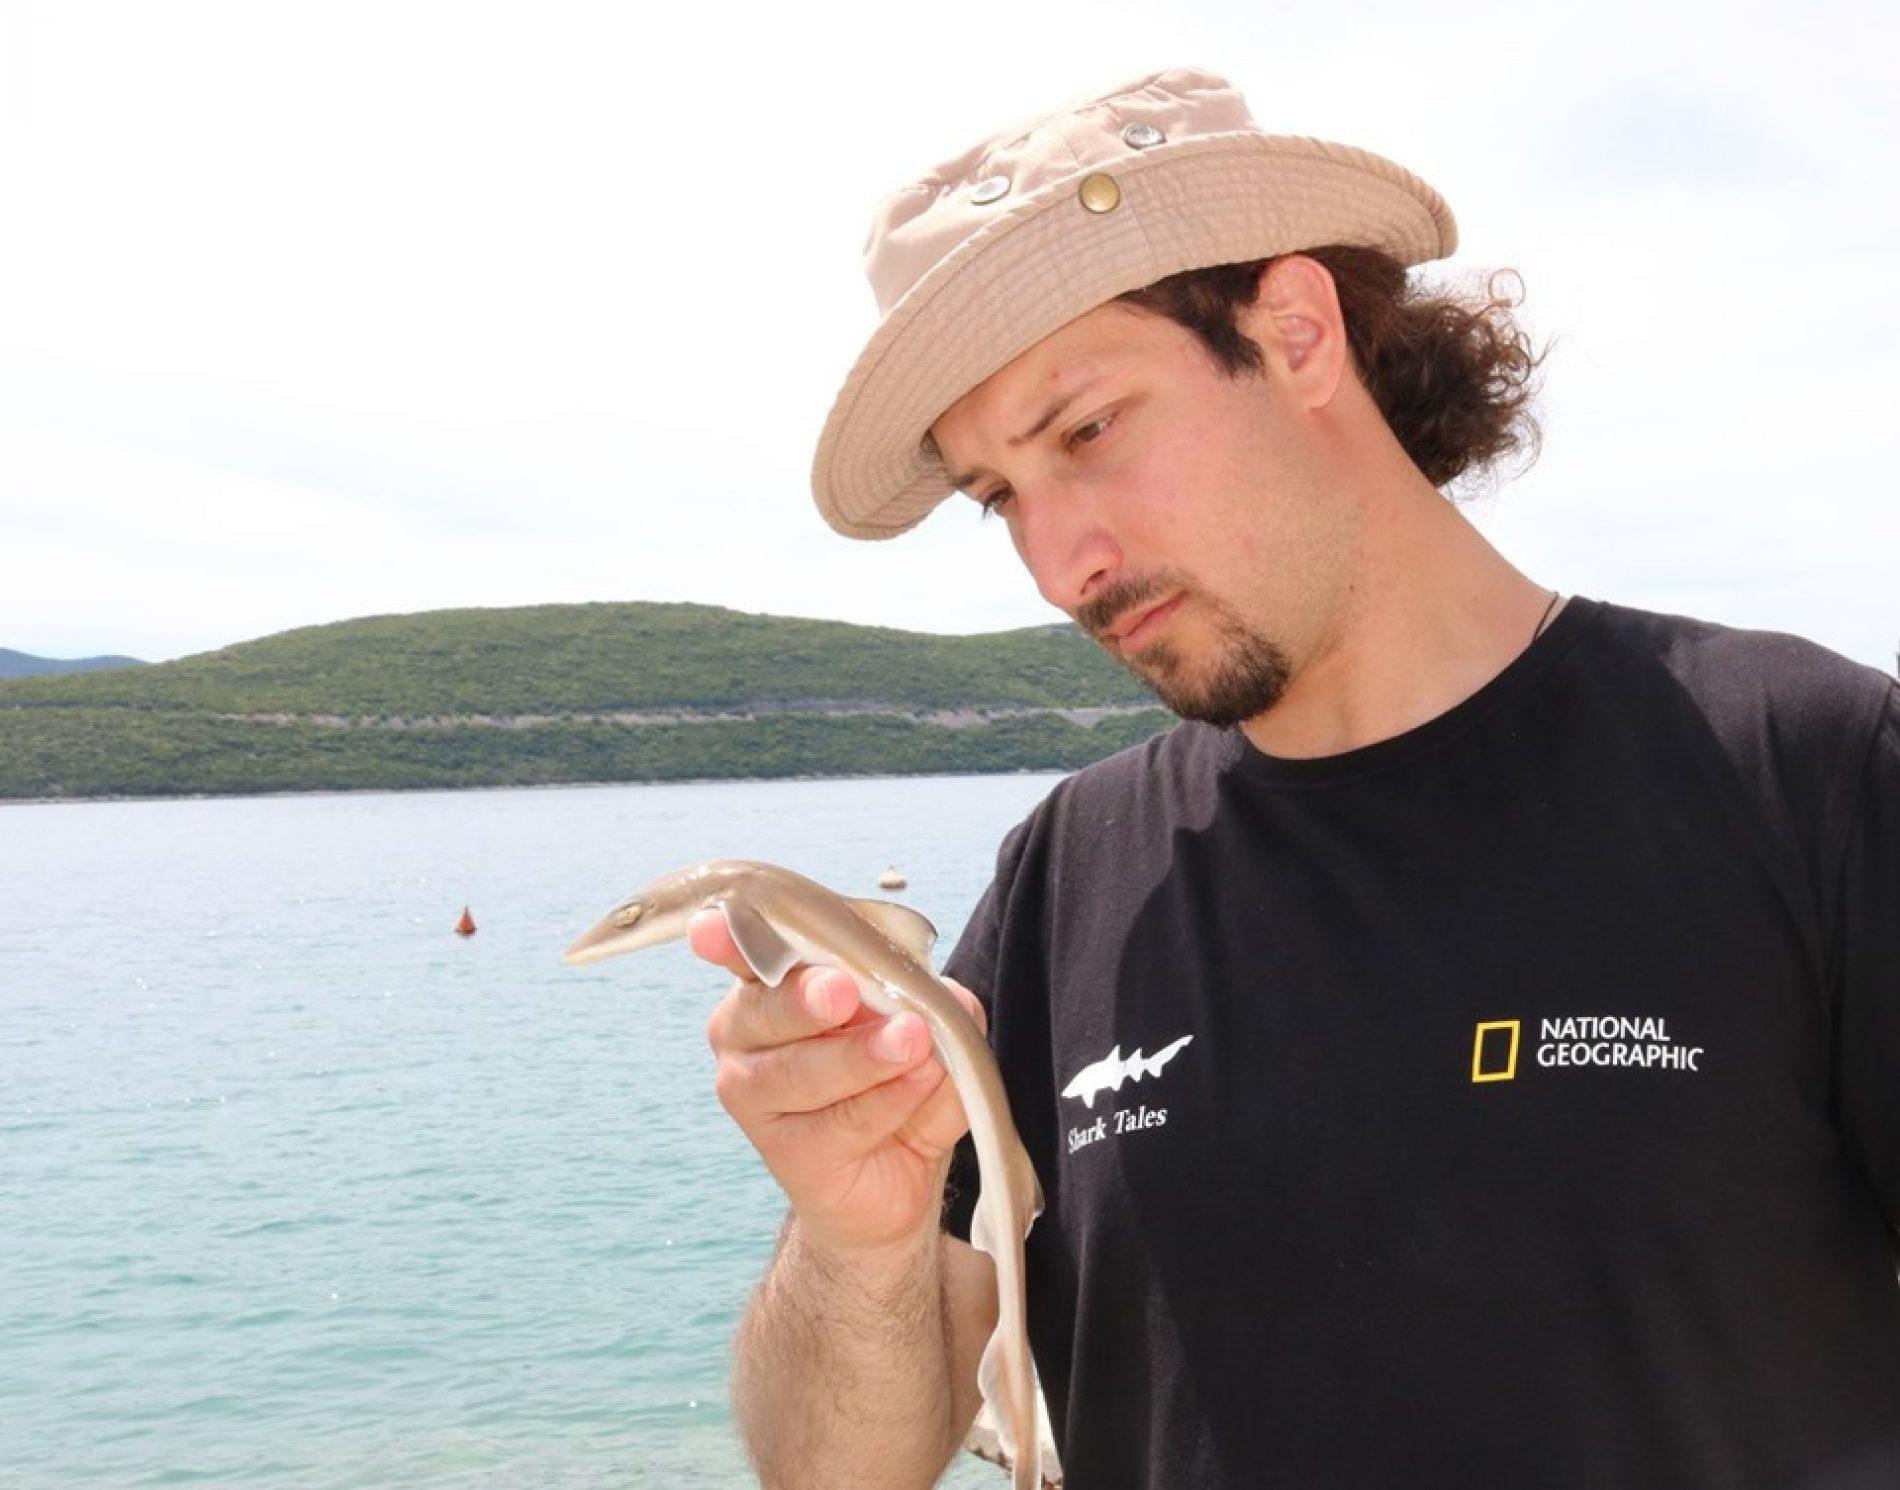 Hoće li naša zemlja uspostaviti regionalni centar za biologiju mora